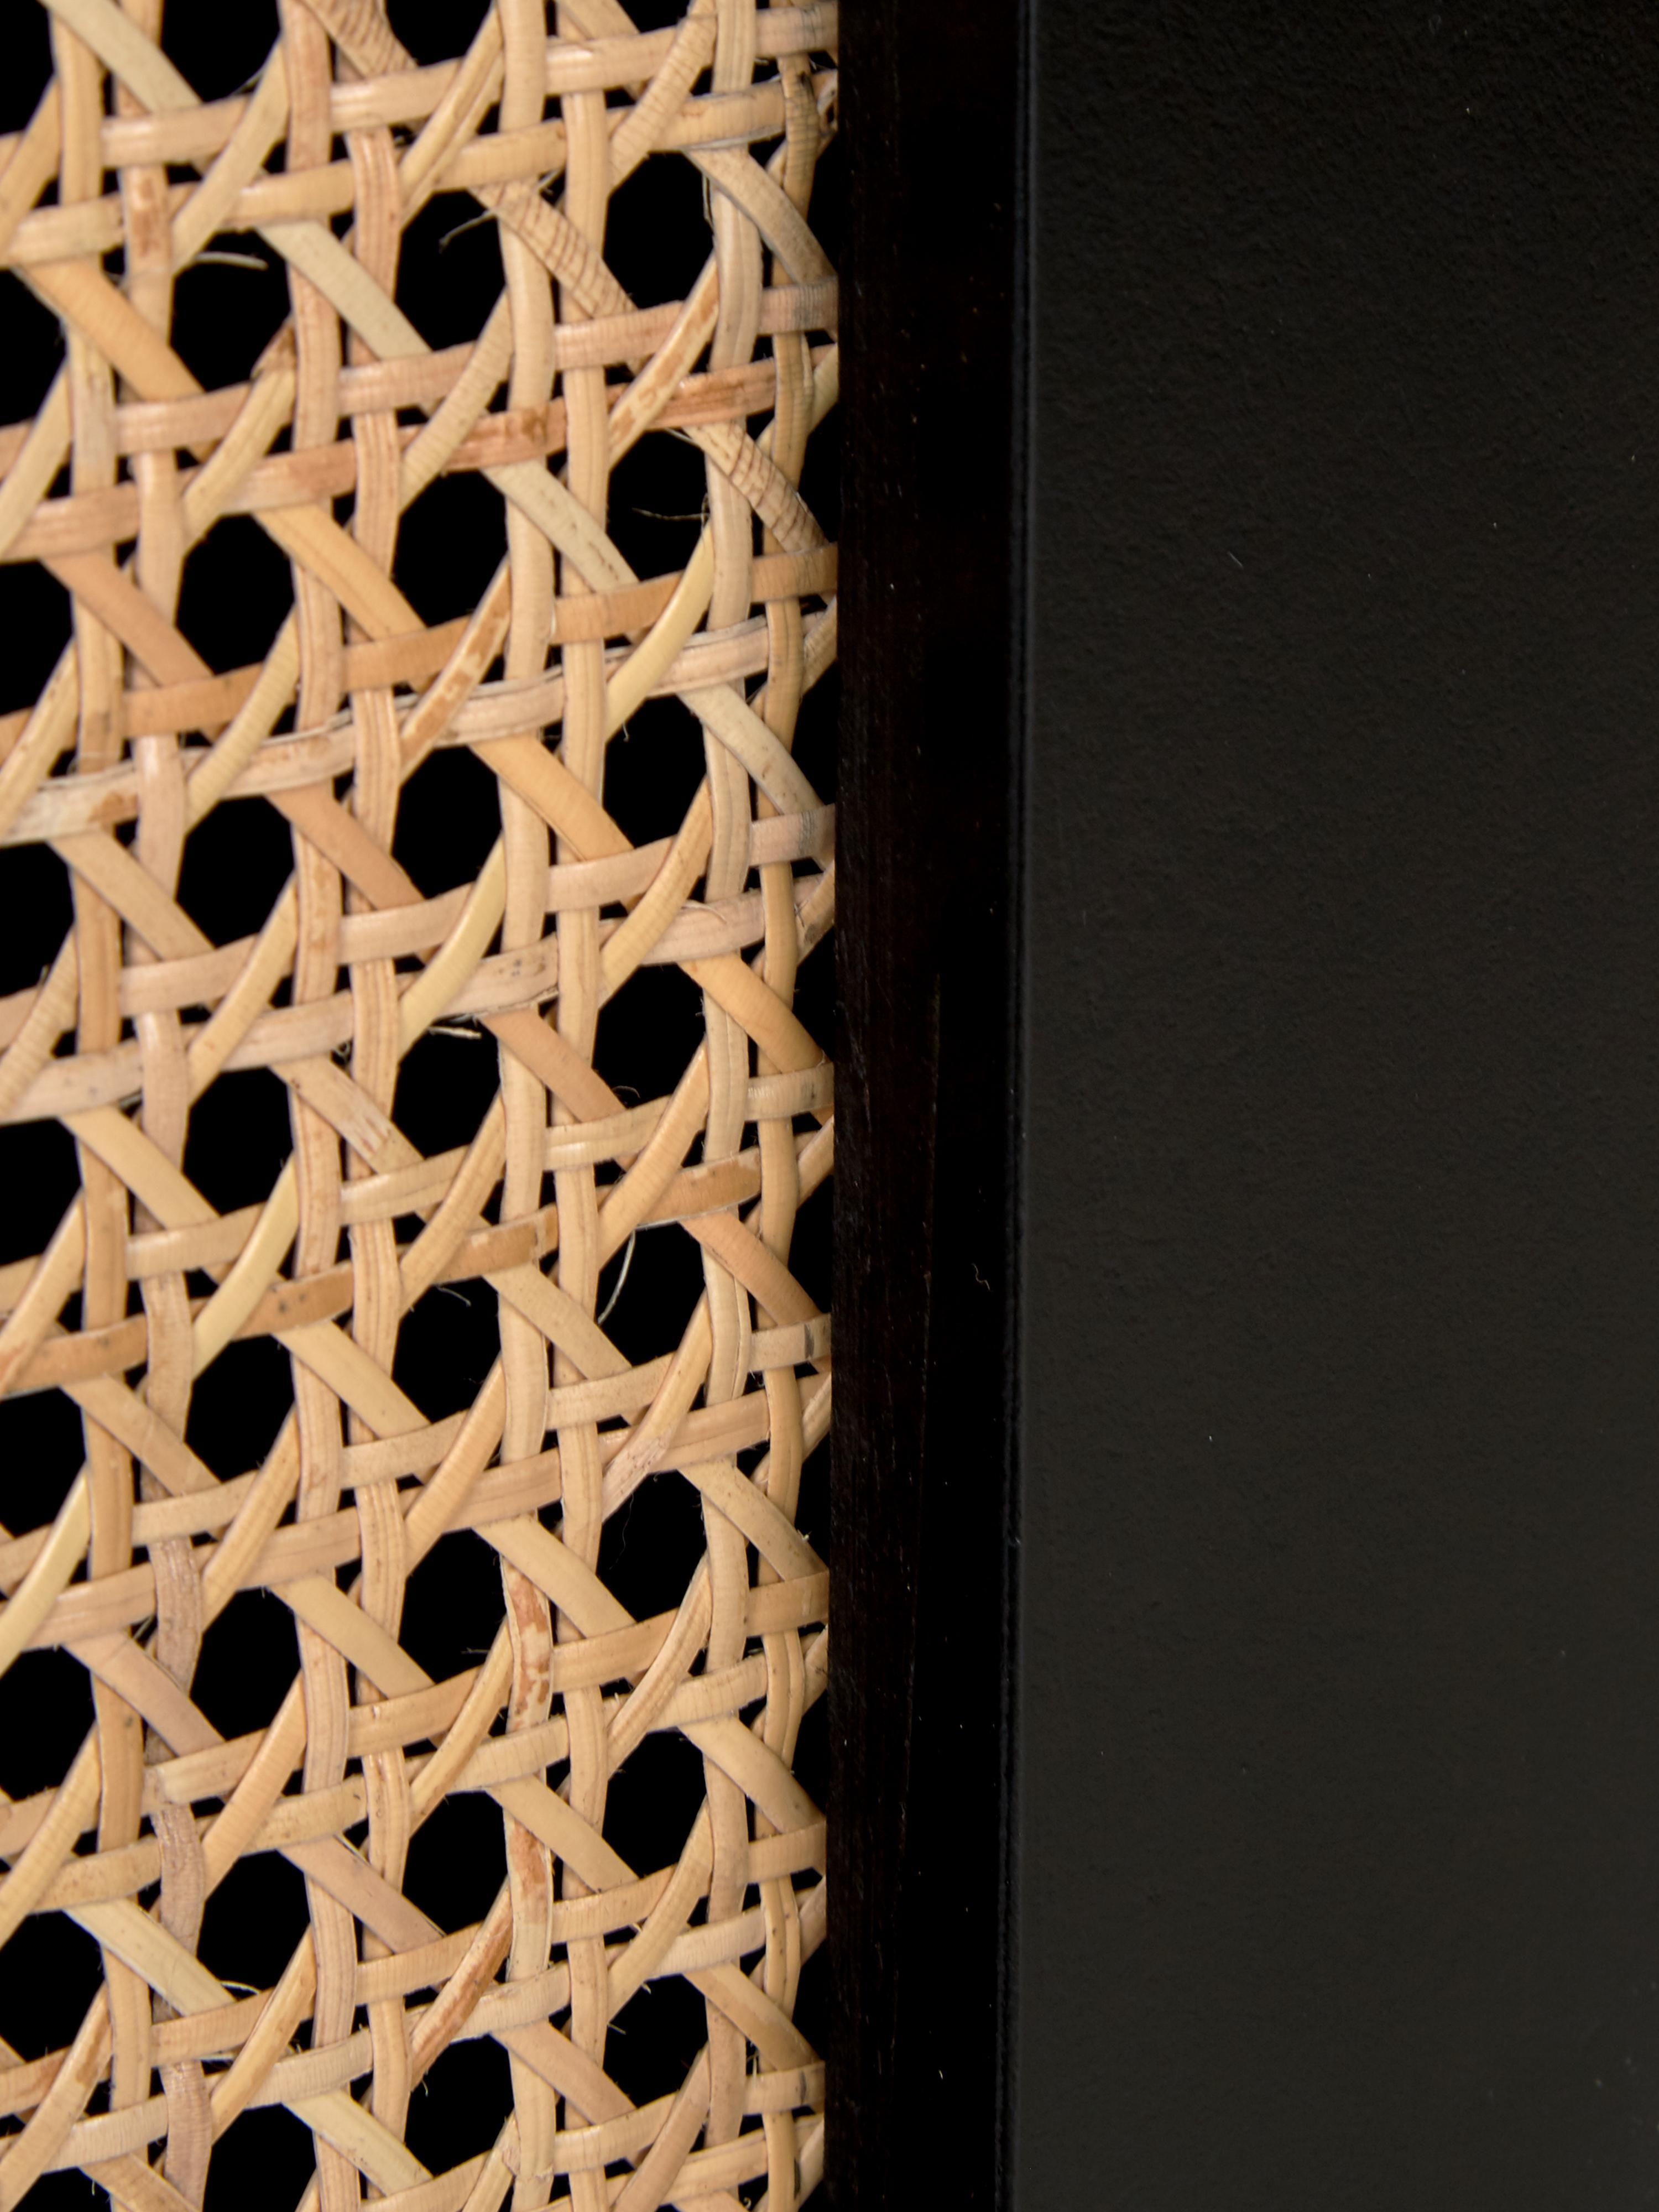 Lowboard Vienna mit Wiener Geflecht, Korpus: Massives Mangoholz, lacki, Füße: Metall, pulverbeschichtet, Schwarz, Beige, 160 x 50 cm